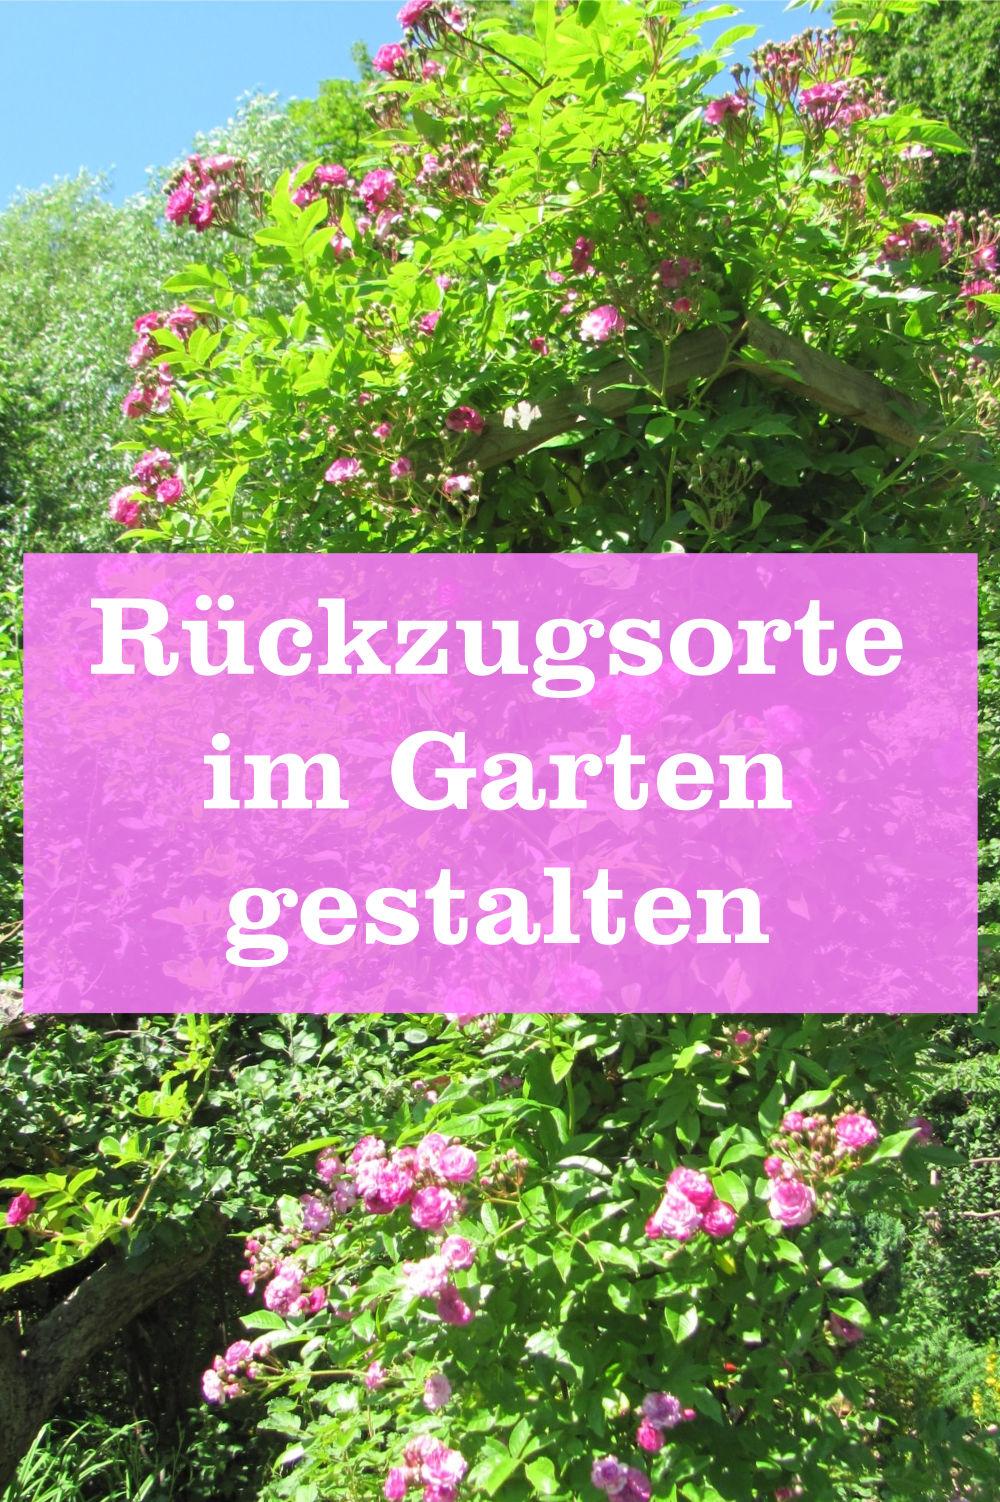 Rückzugsorte im Garten